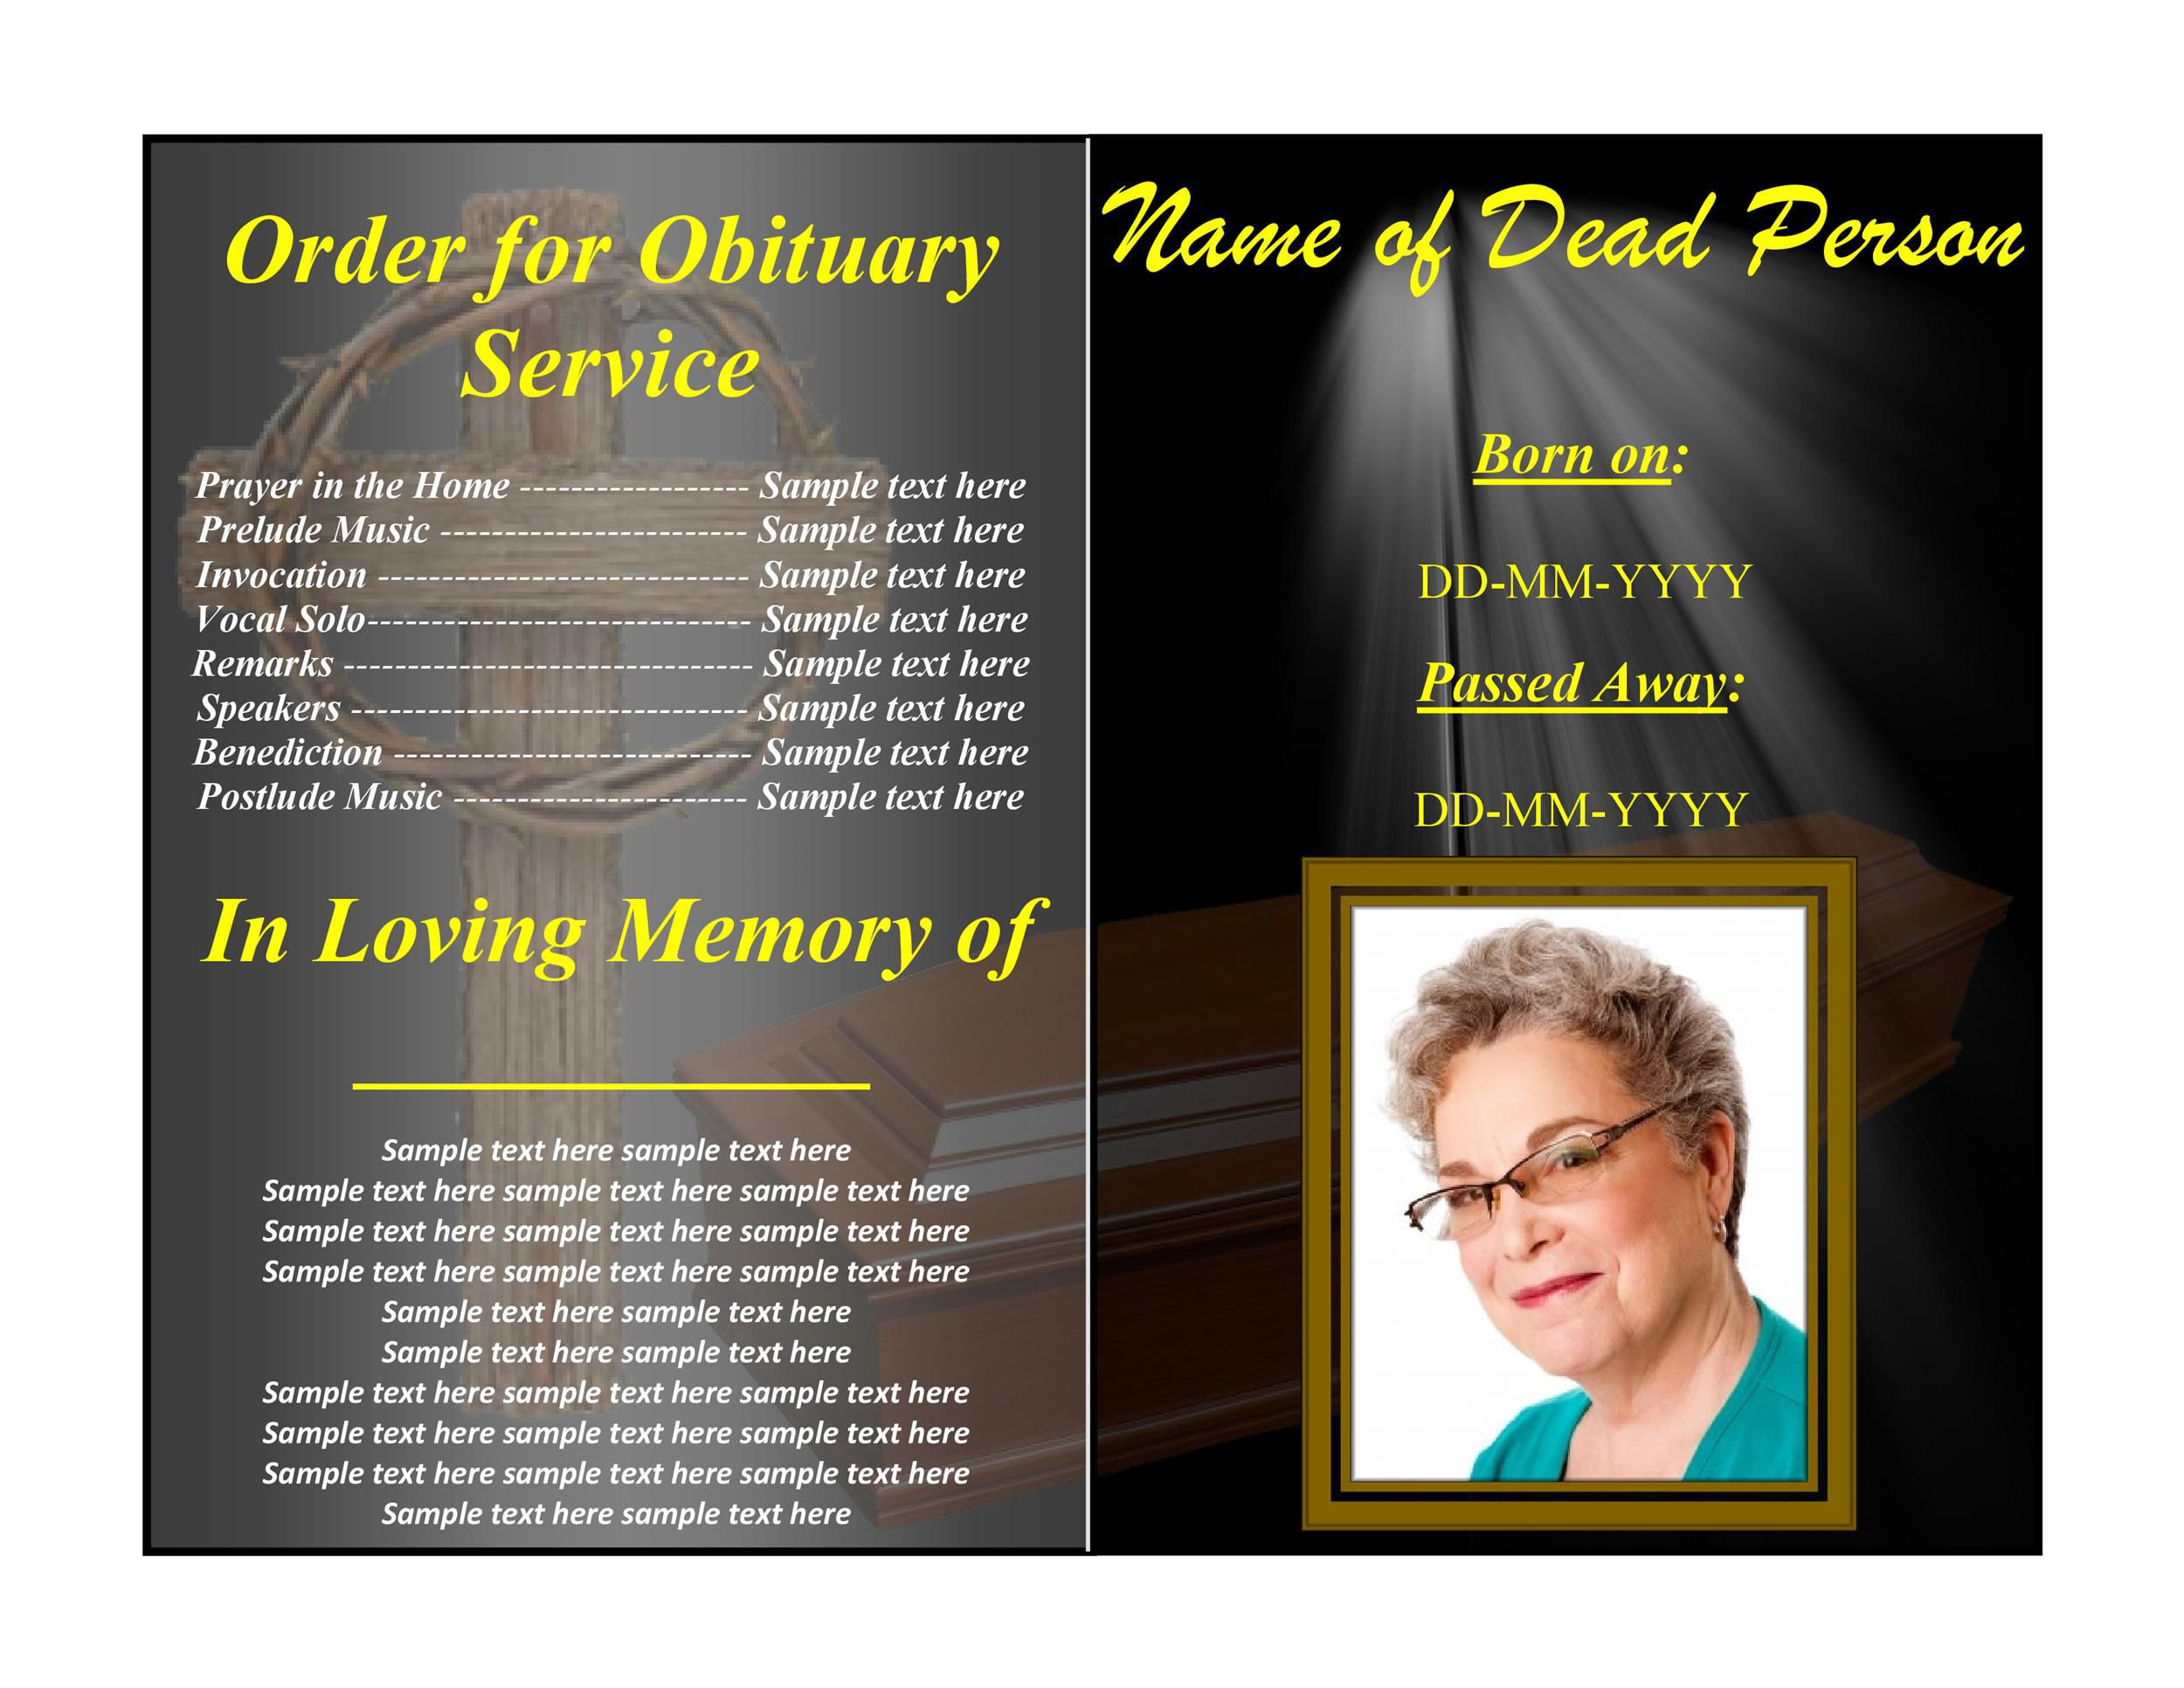 006 Dreaded Sample Template For Funeral Program Image Full